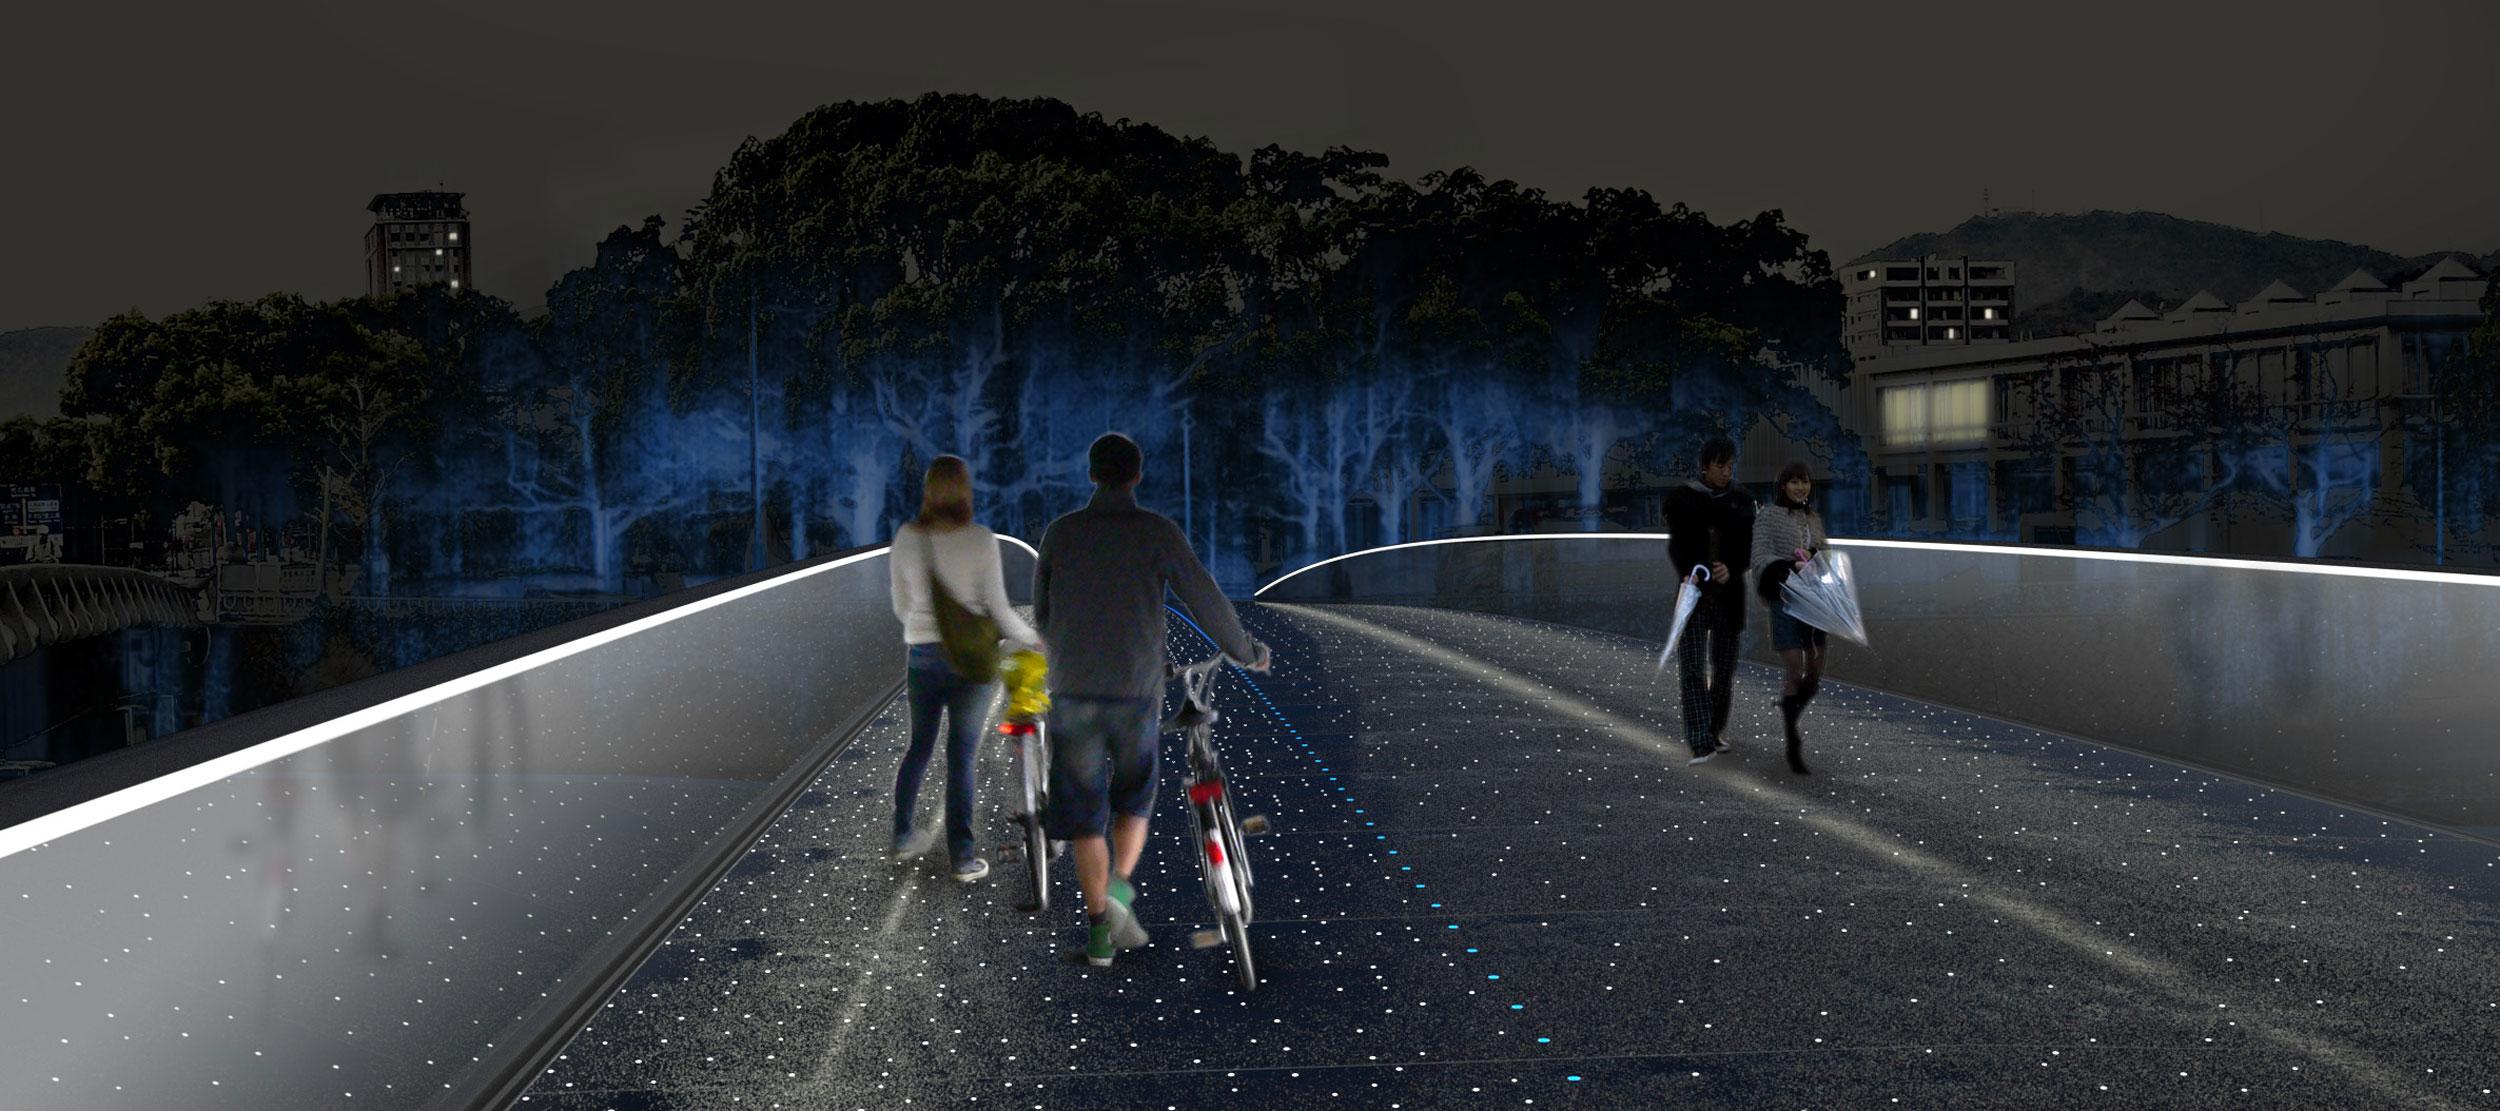 hiroshima-peace-bridge---rendering-(2).jpg